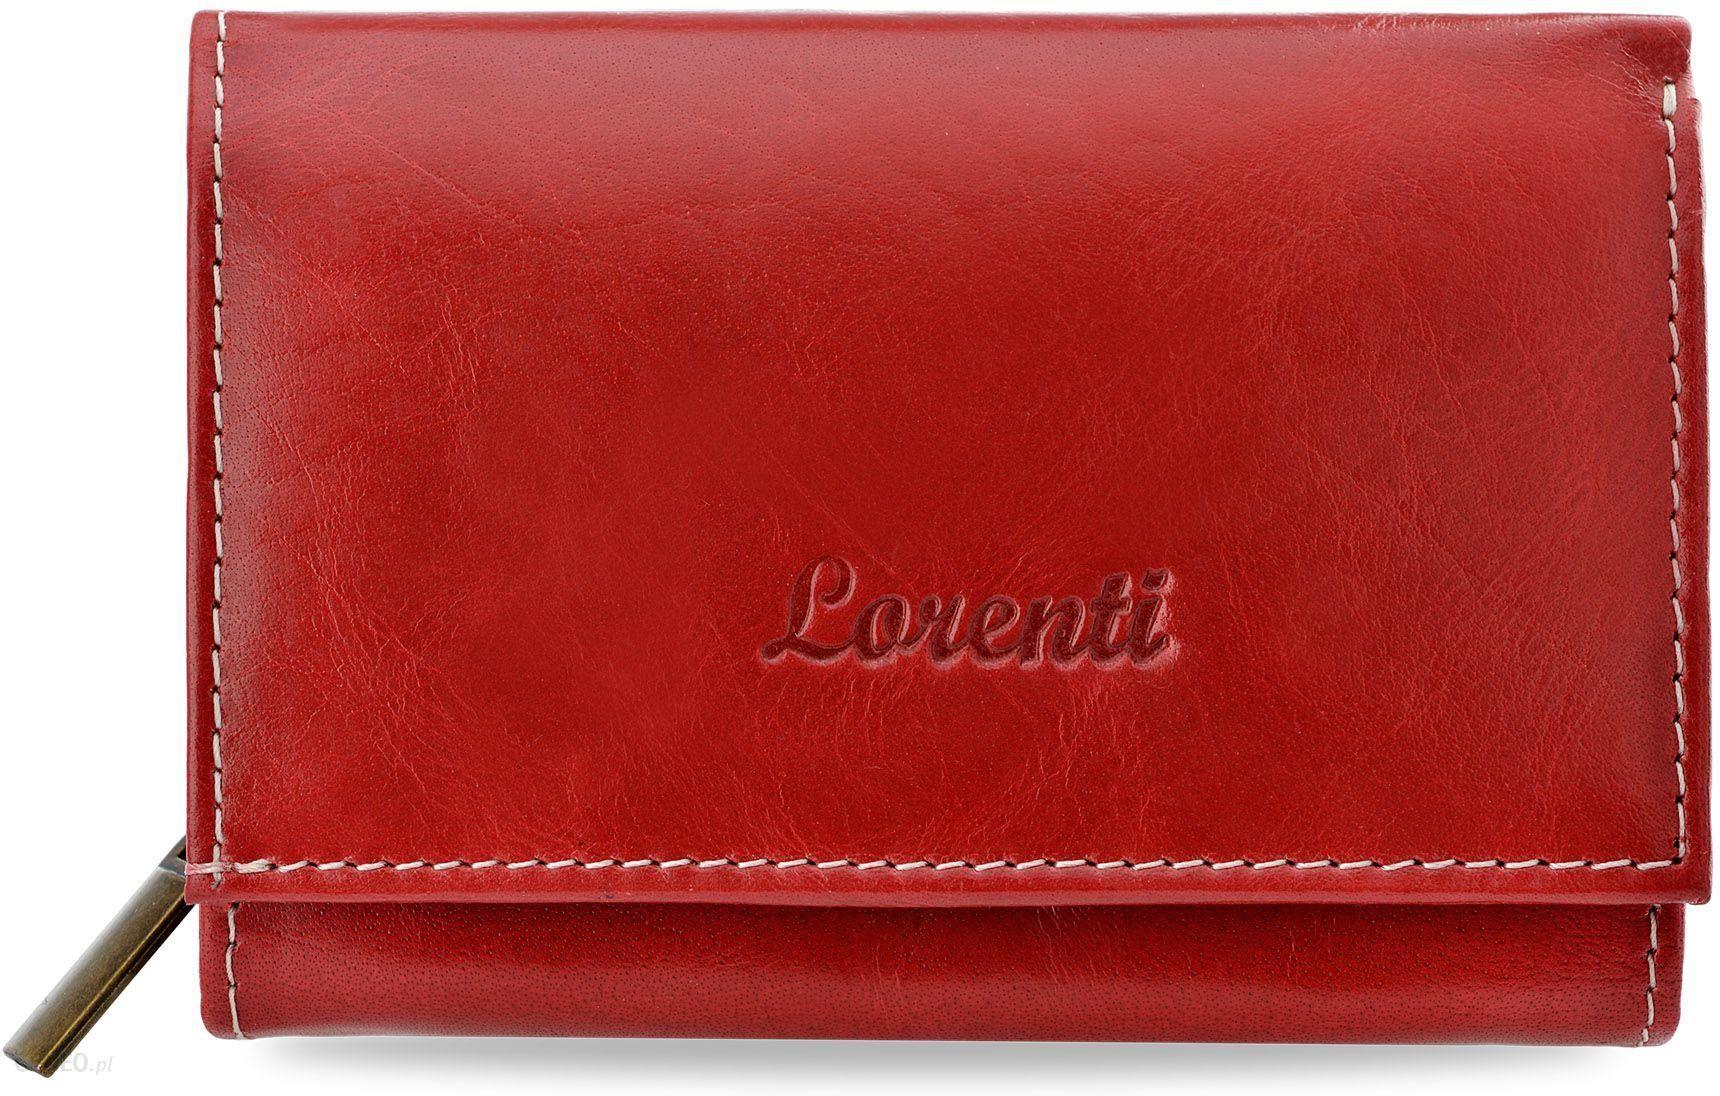 fbda6ca51de75 Klasyczny skórzany portfel damski lorenti z duża ilością kieszonek -  czerwony - zdjęcie 1